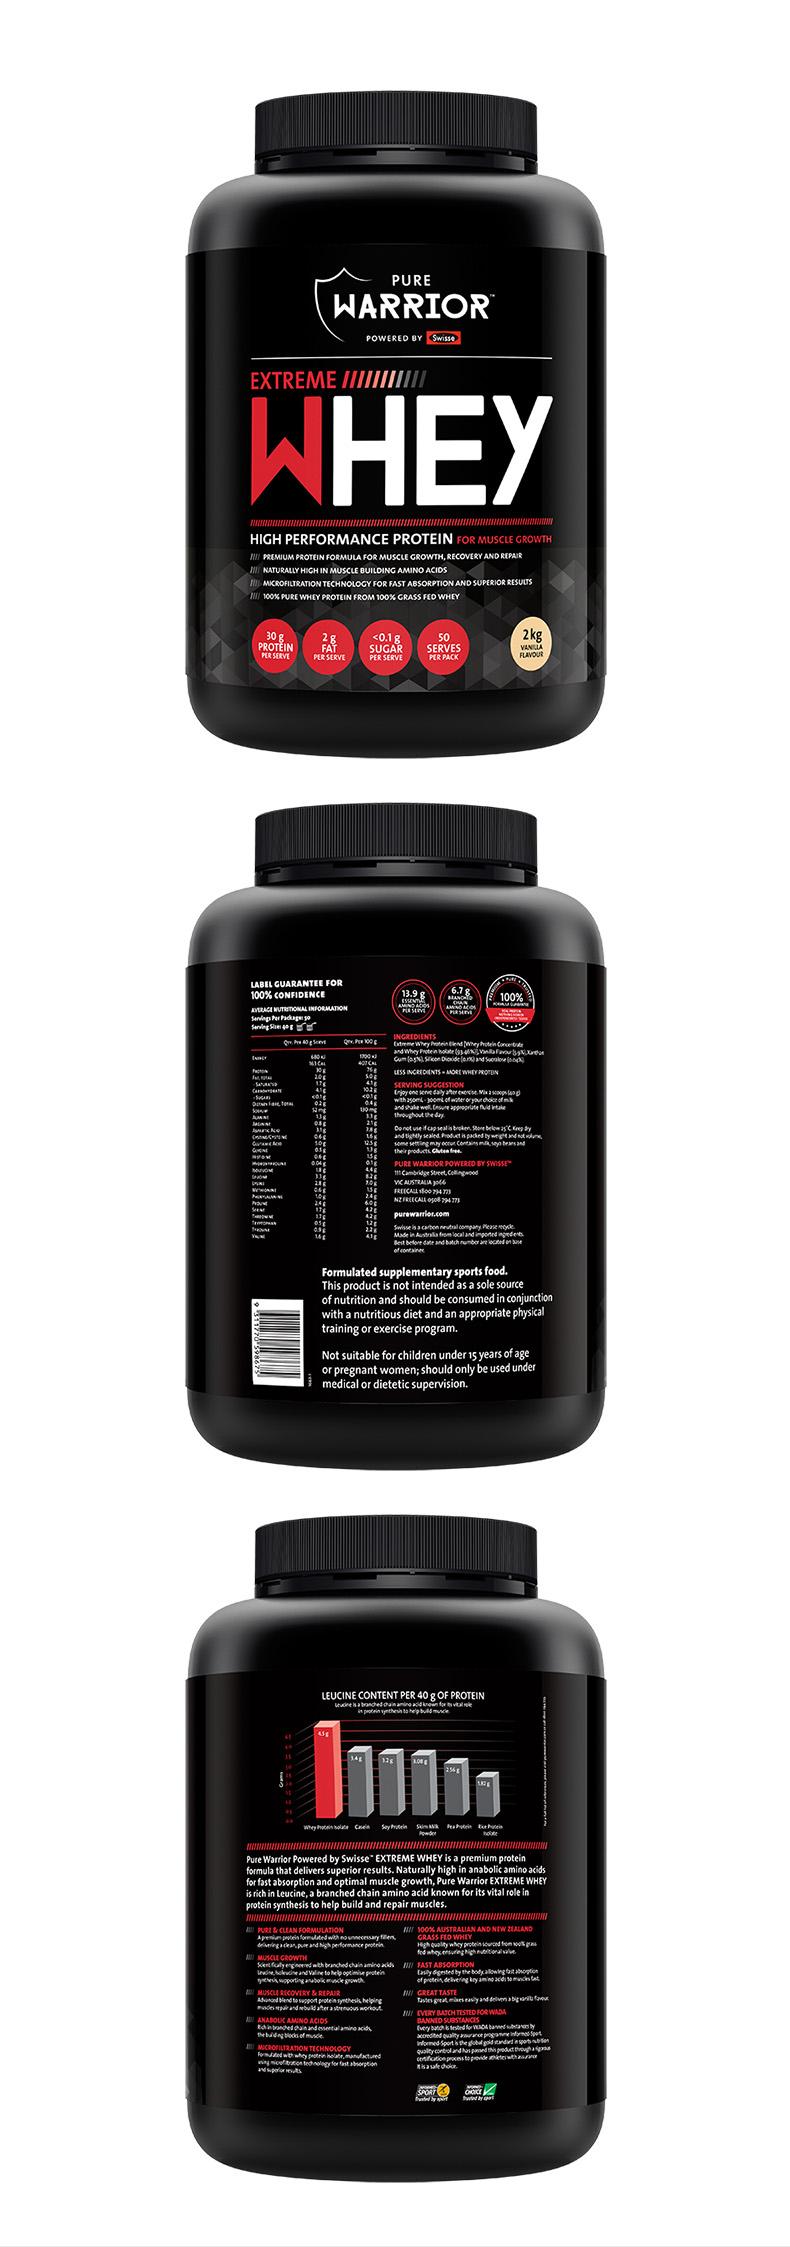 【新】澳洲swissePureWarrior乳清蛋白粉健身粉香草味2kg增肌塑型 运动营养 第6张